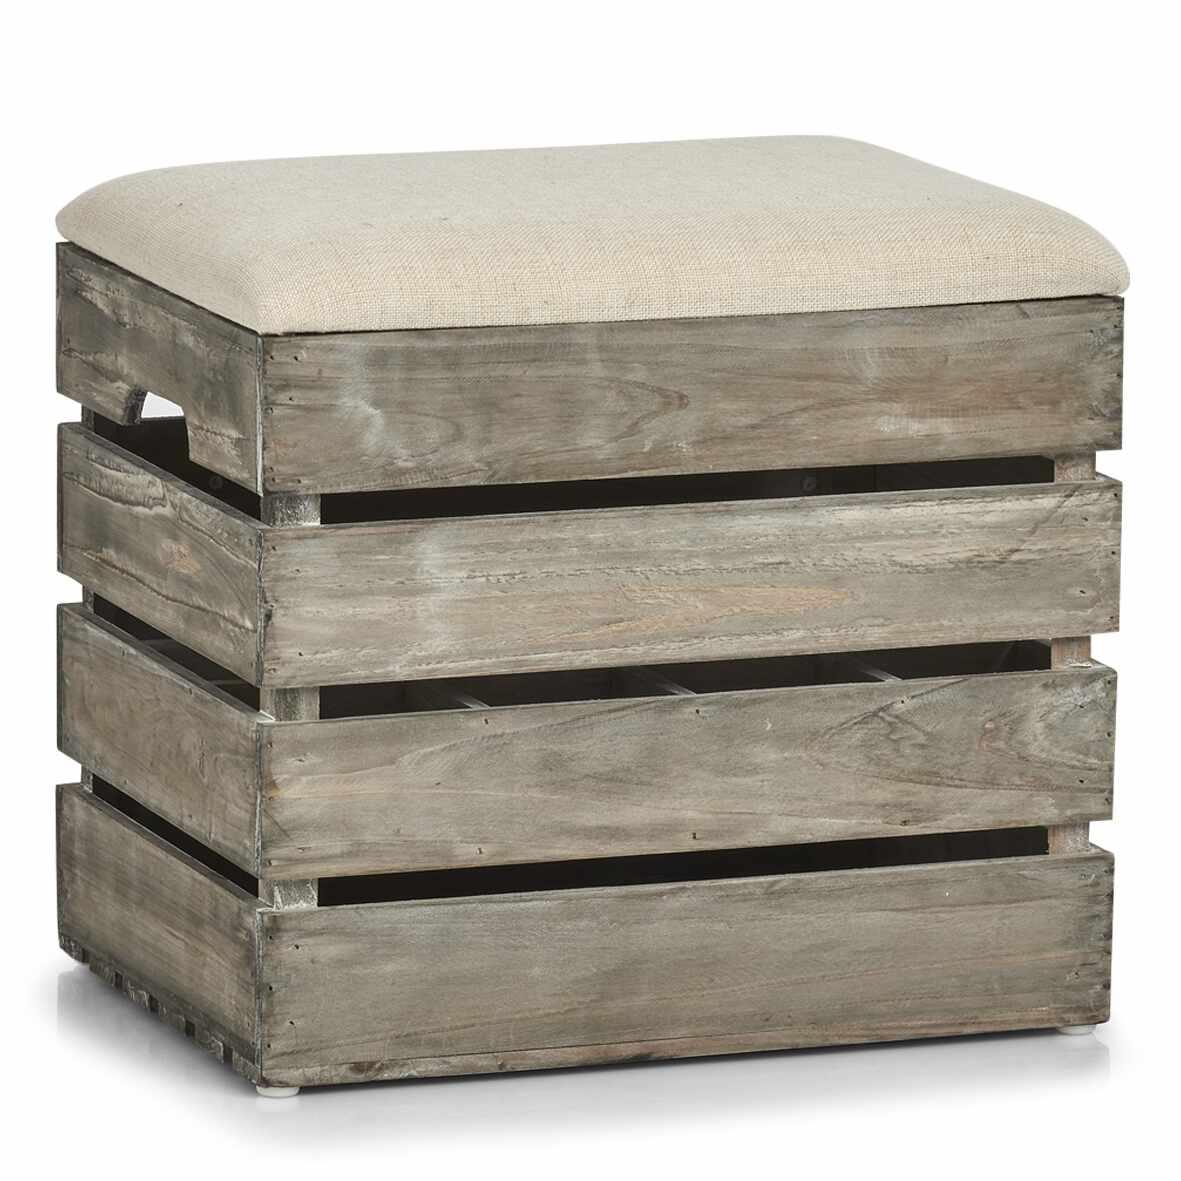 Taburet din lemn cu spatiu de depozitare, Wood Natural, l40xA29,5xH37 cm la pret 236 lei